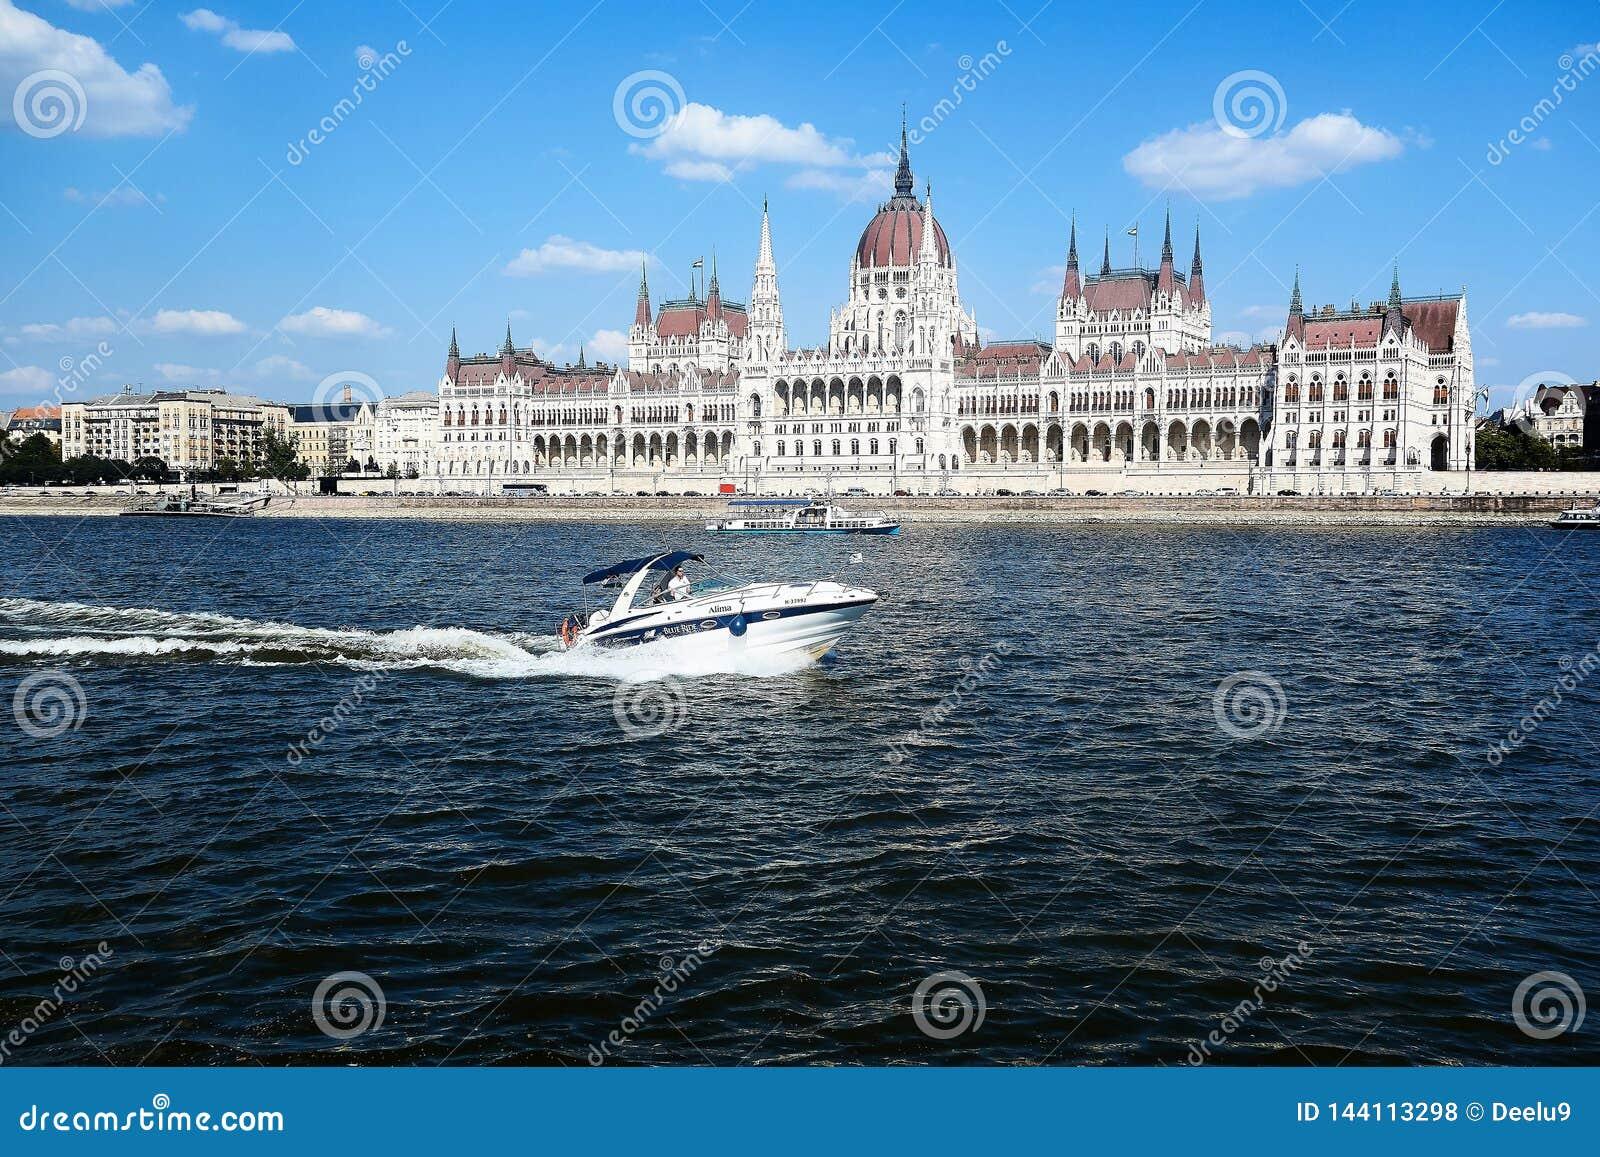 Άποψη σχετικά με το Κοινοβούλιο στη Βουδαπέστη από τον ποταμό Δούναβη